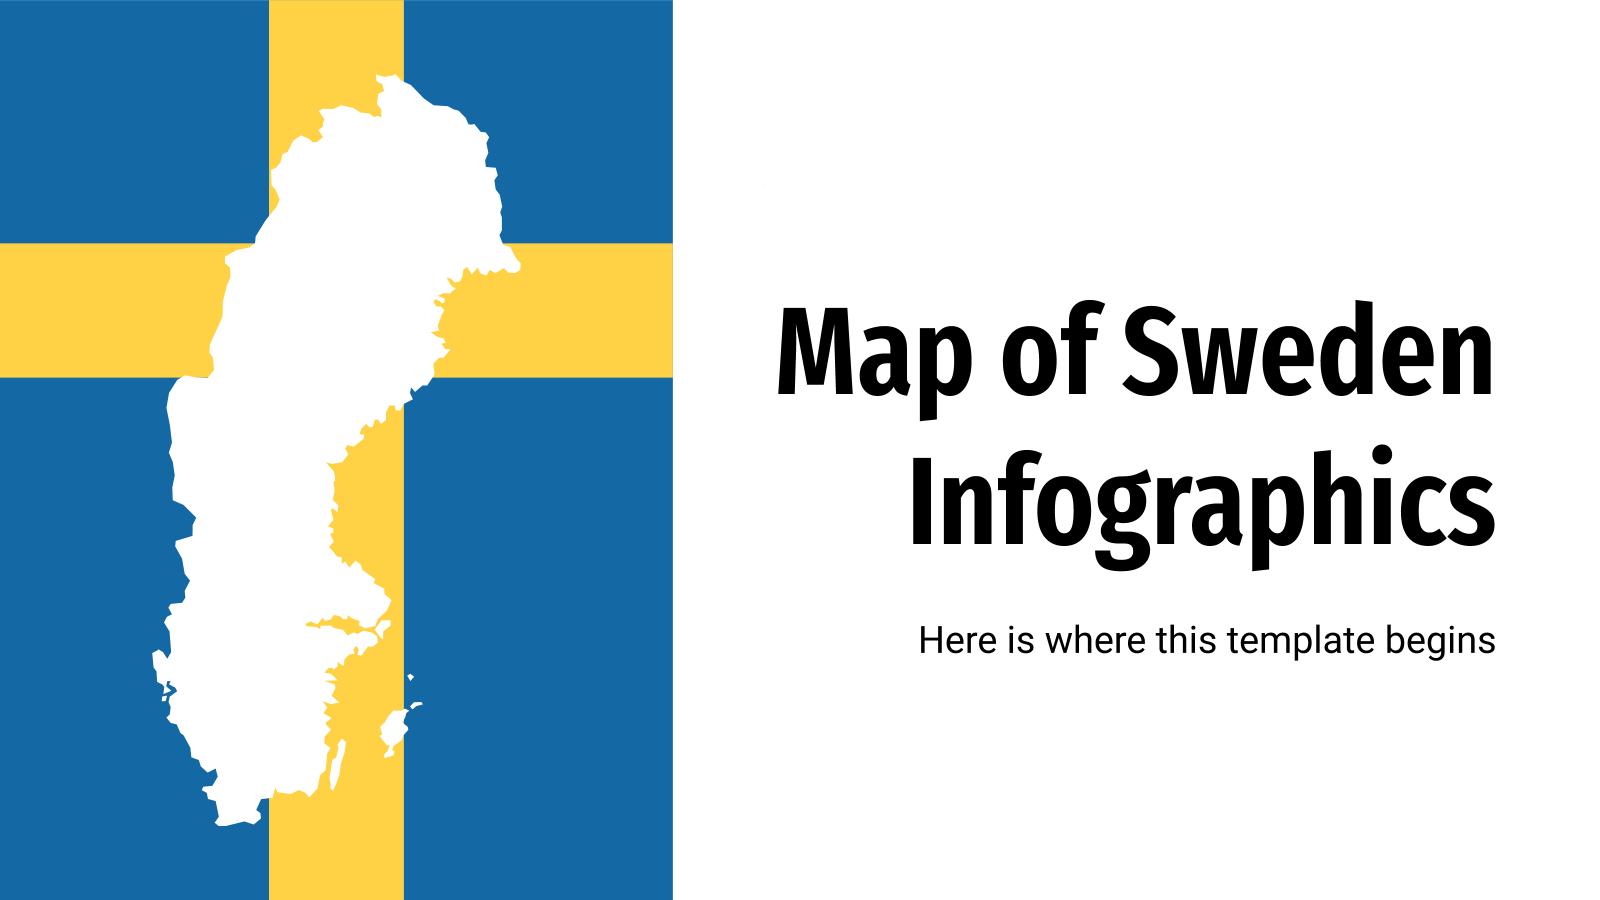 Infographies de carte de la Suède : Modèles de présentation